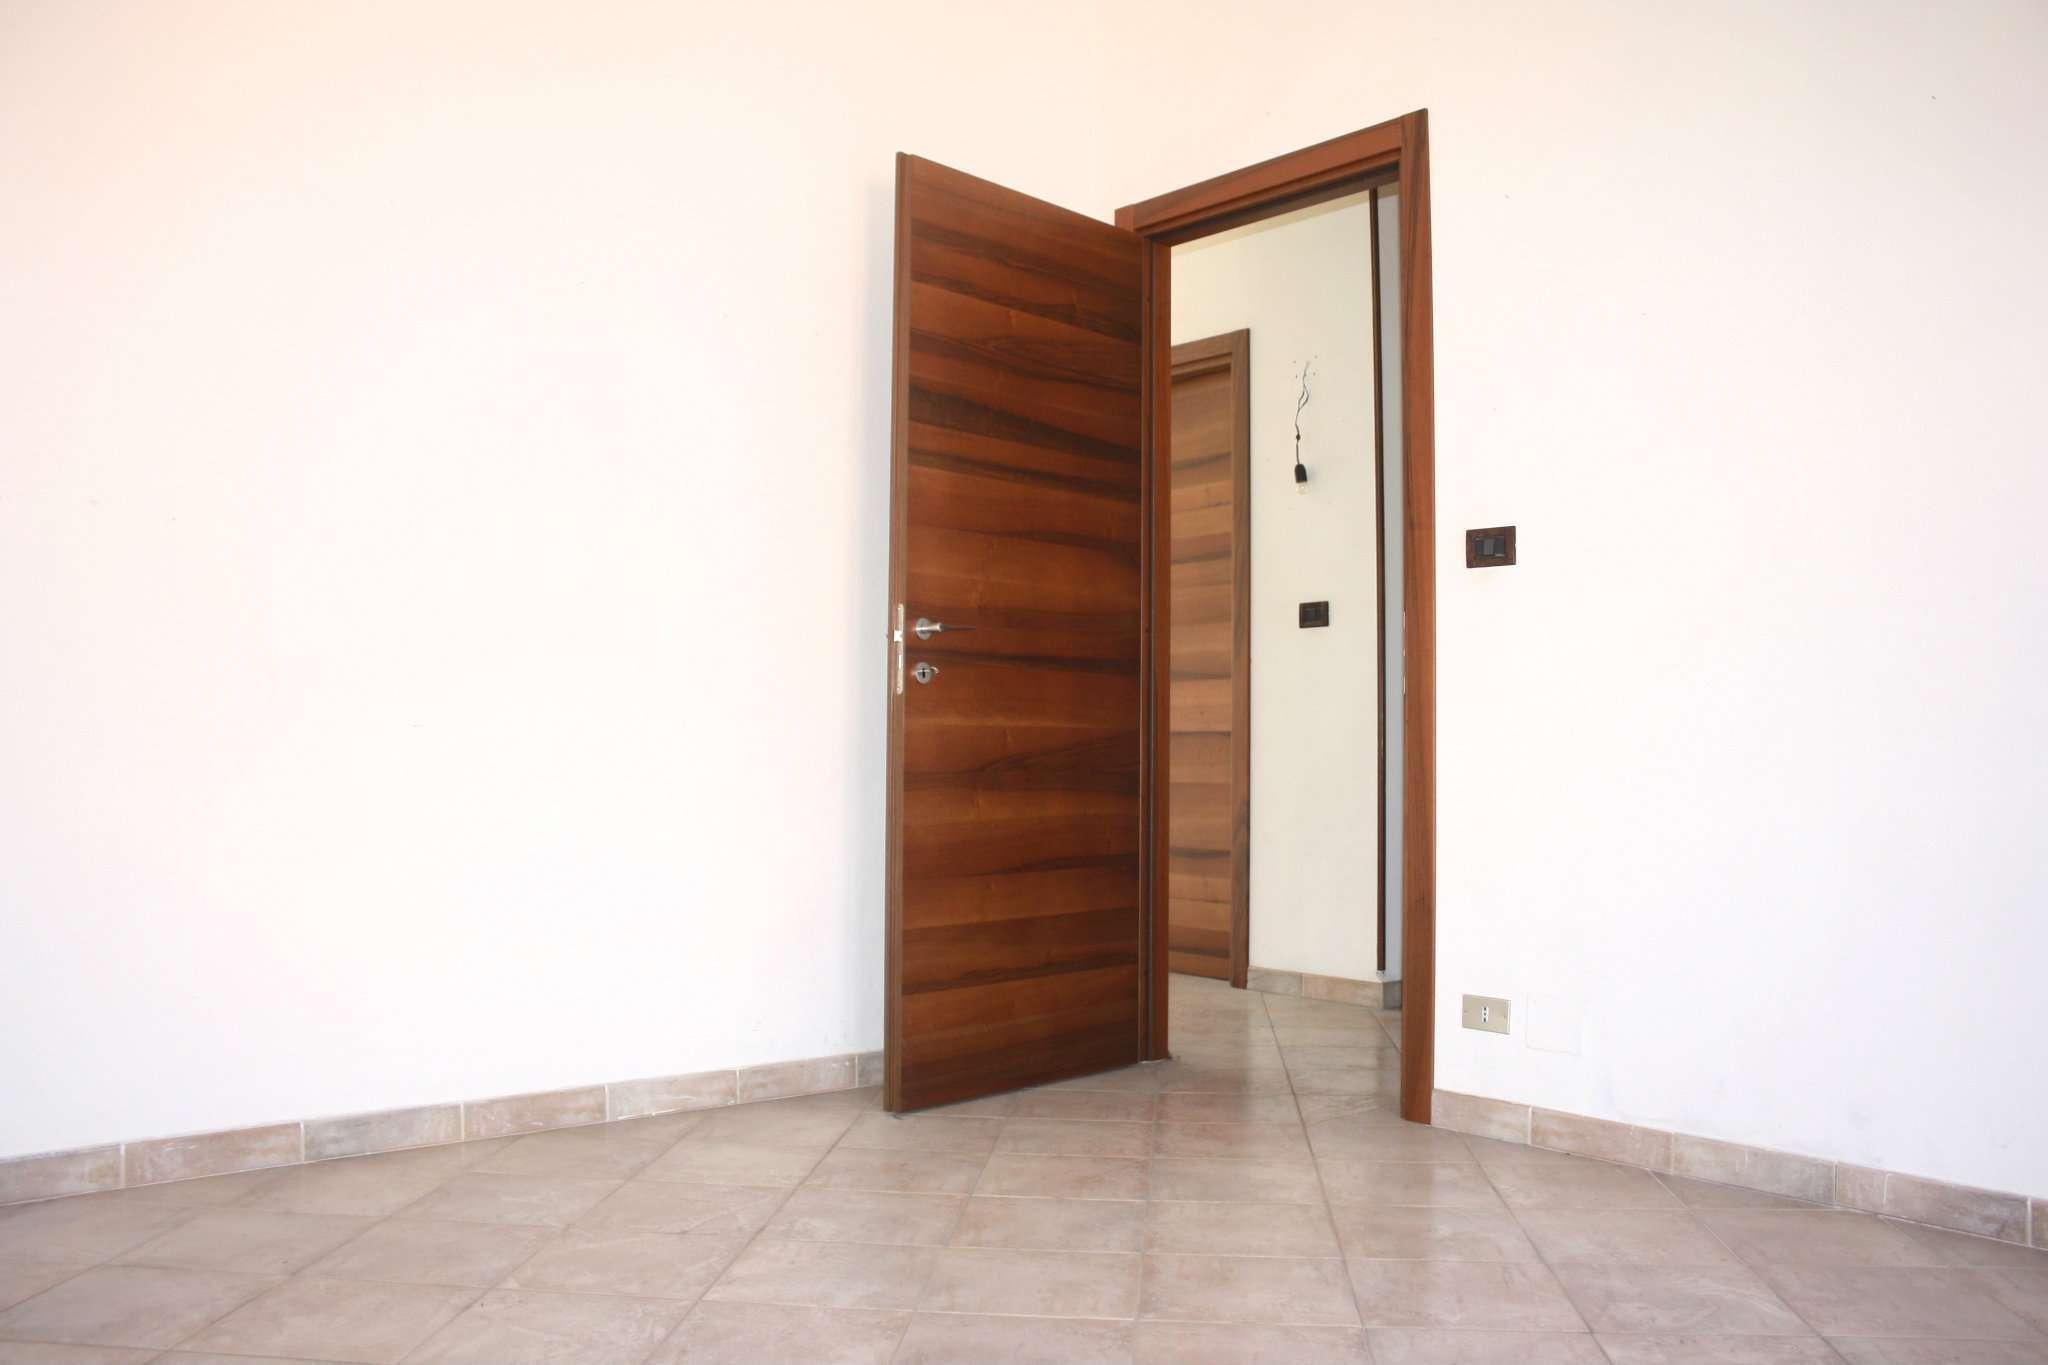 Appartamento in vendita a Bra, 4 locali, prezzo € 125.000 | CambioCasa.it